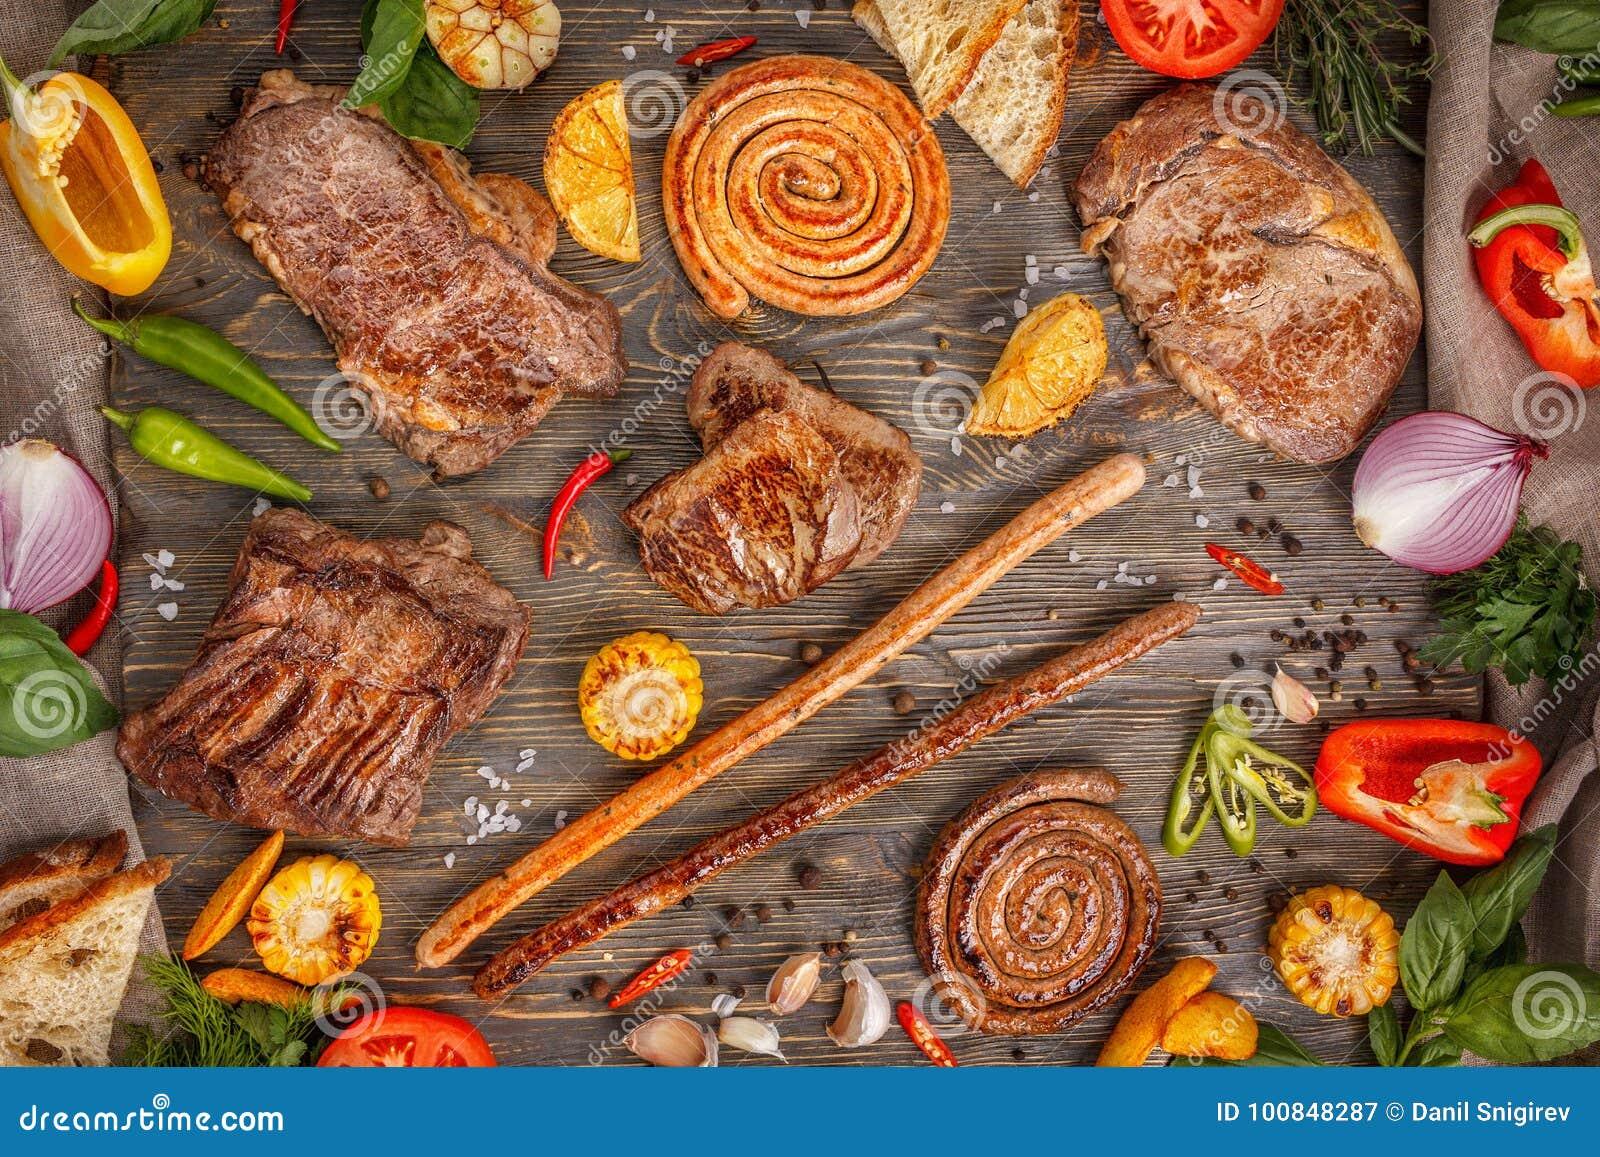 grönsaker till grillat kött